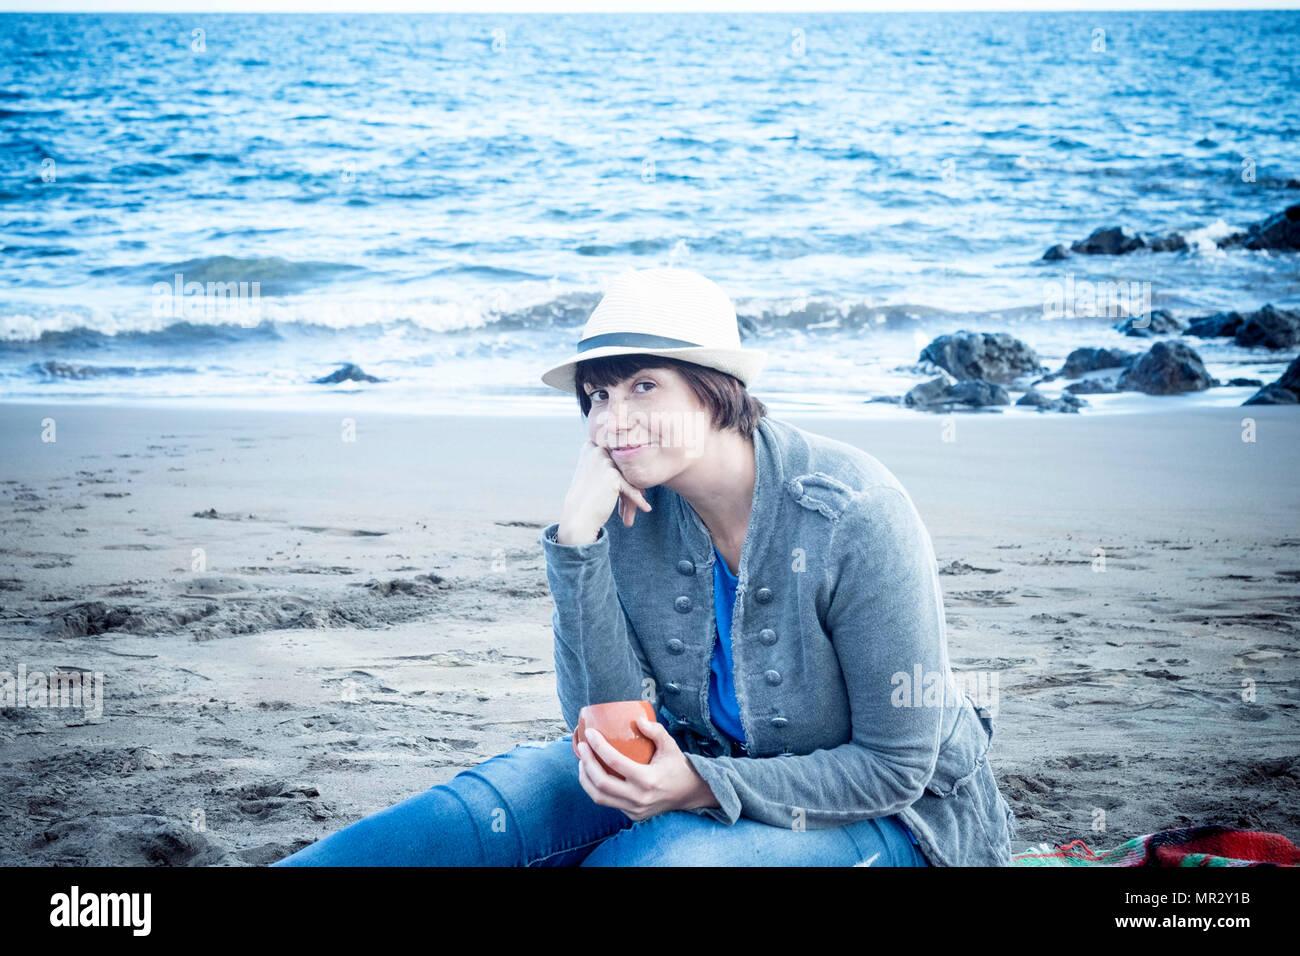 Preciosas chica sonriente con sombrero sentado en la playa en invierno. vacaciones bonito concepto de ocio al aire libre. Imagen De Stock